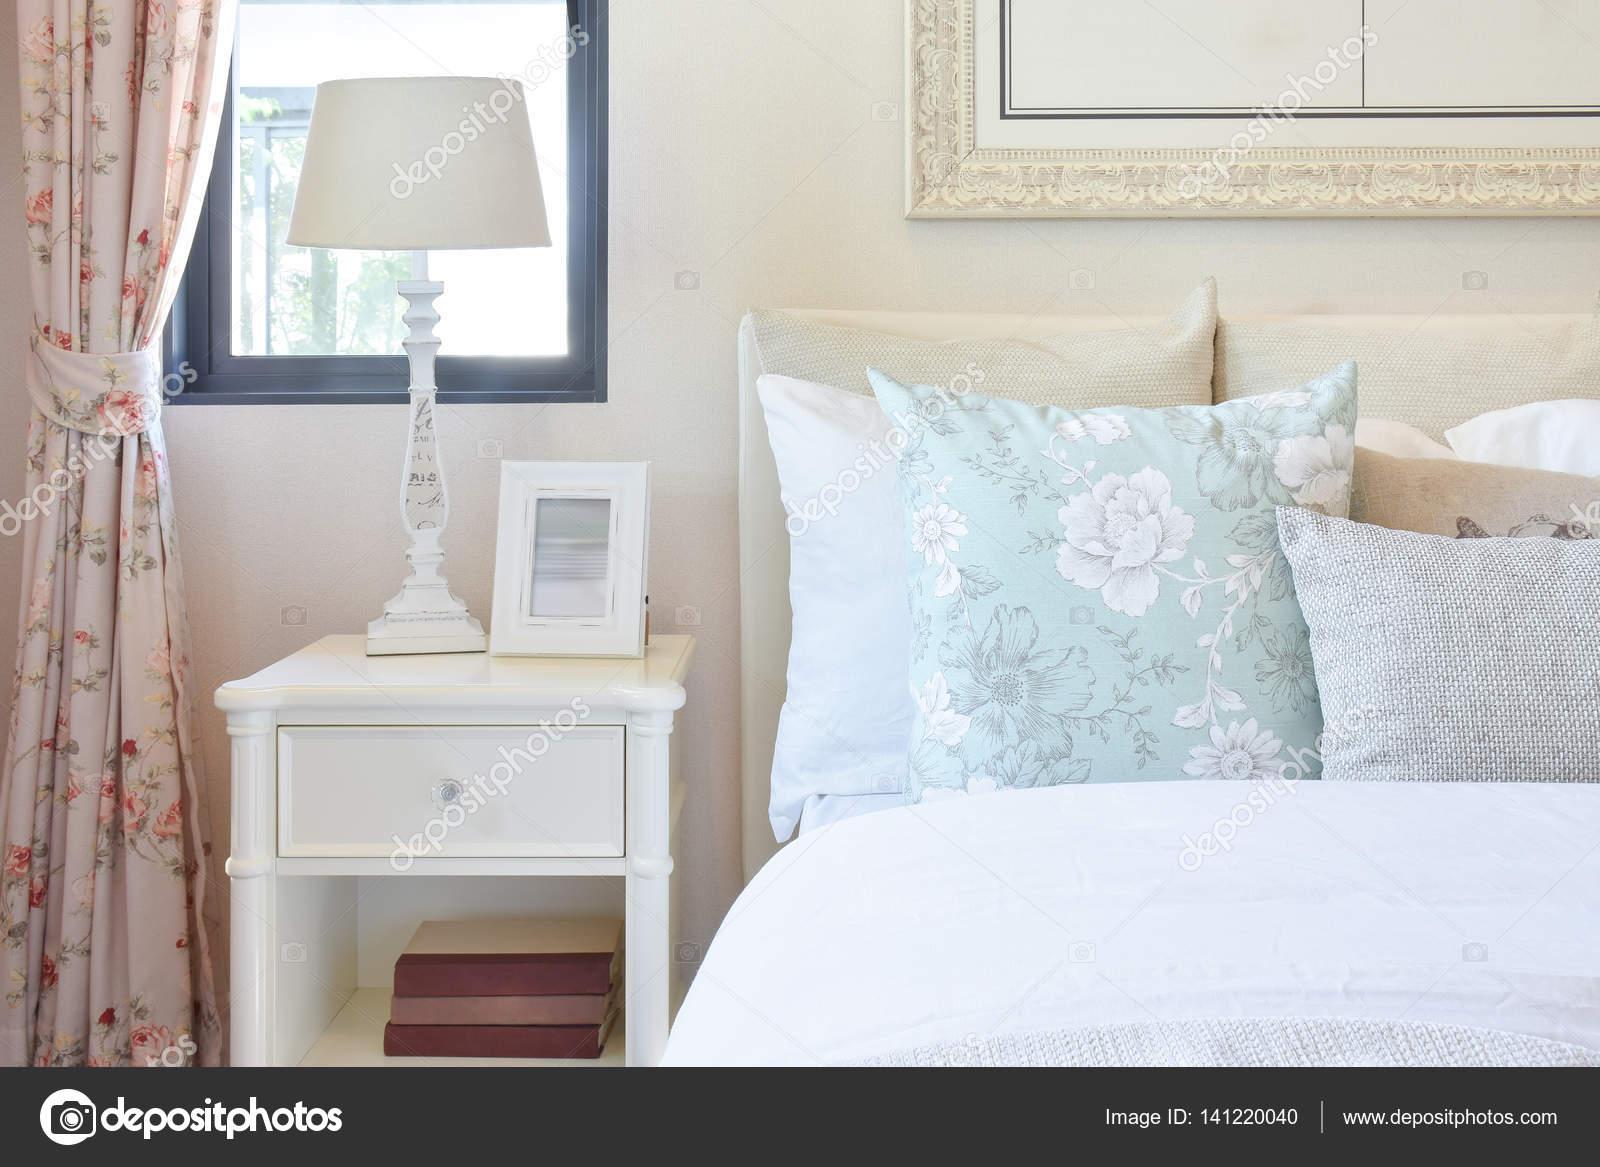 Vintage Slaapkamer Lampen : Vintage slaapkamer interieur met het lezen van de lamp en foto